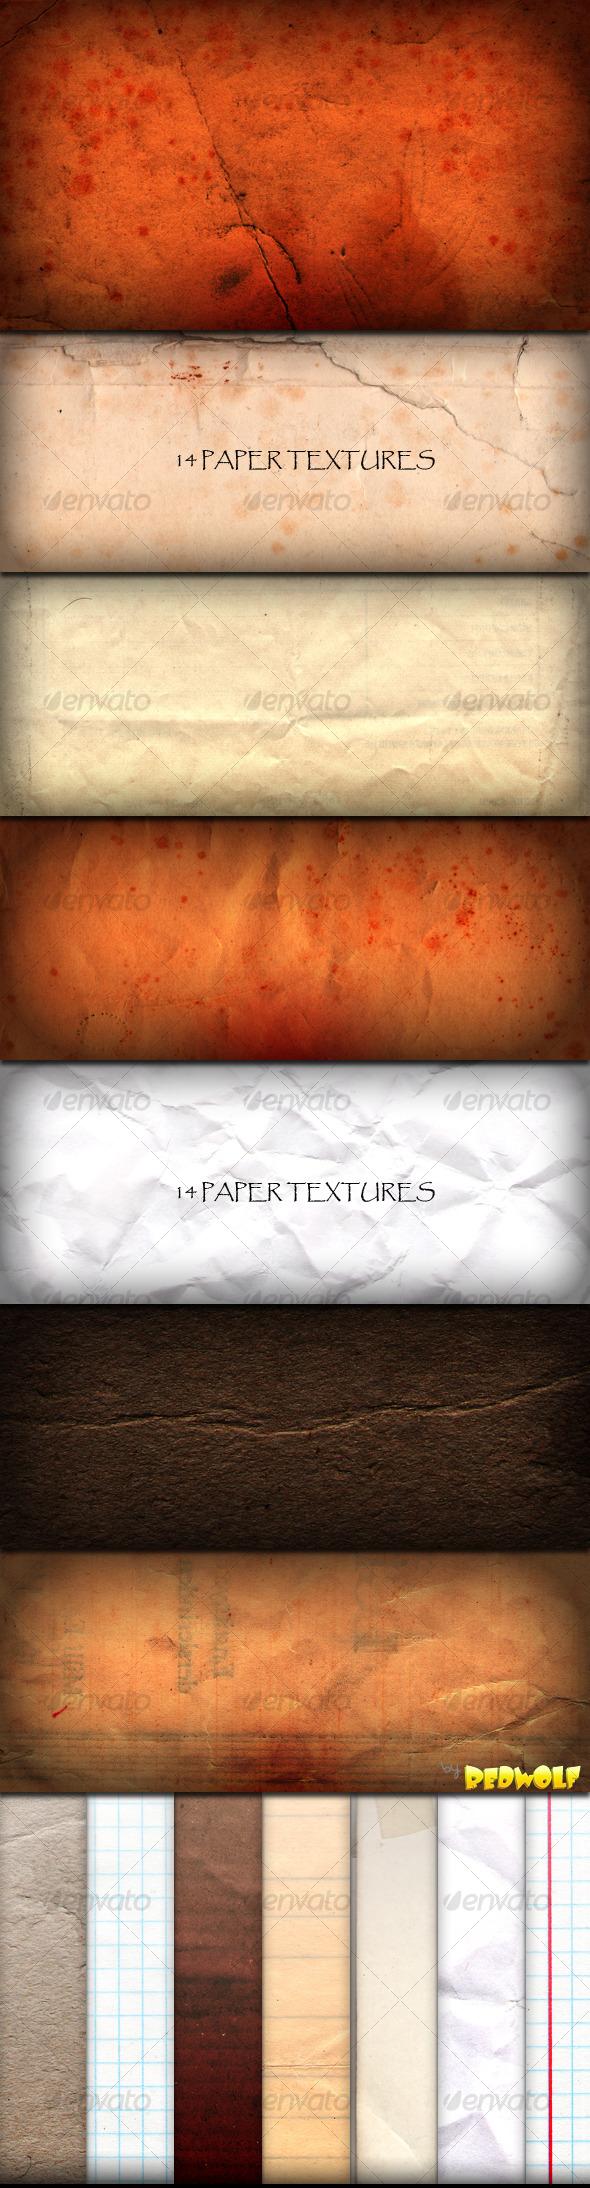 Paper Textures - Paper Textures